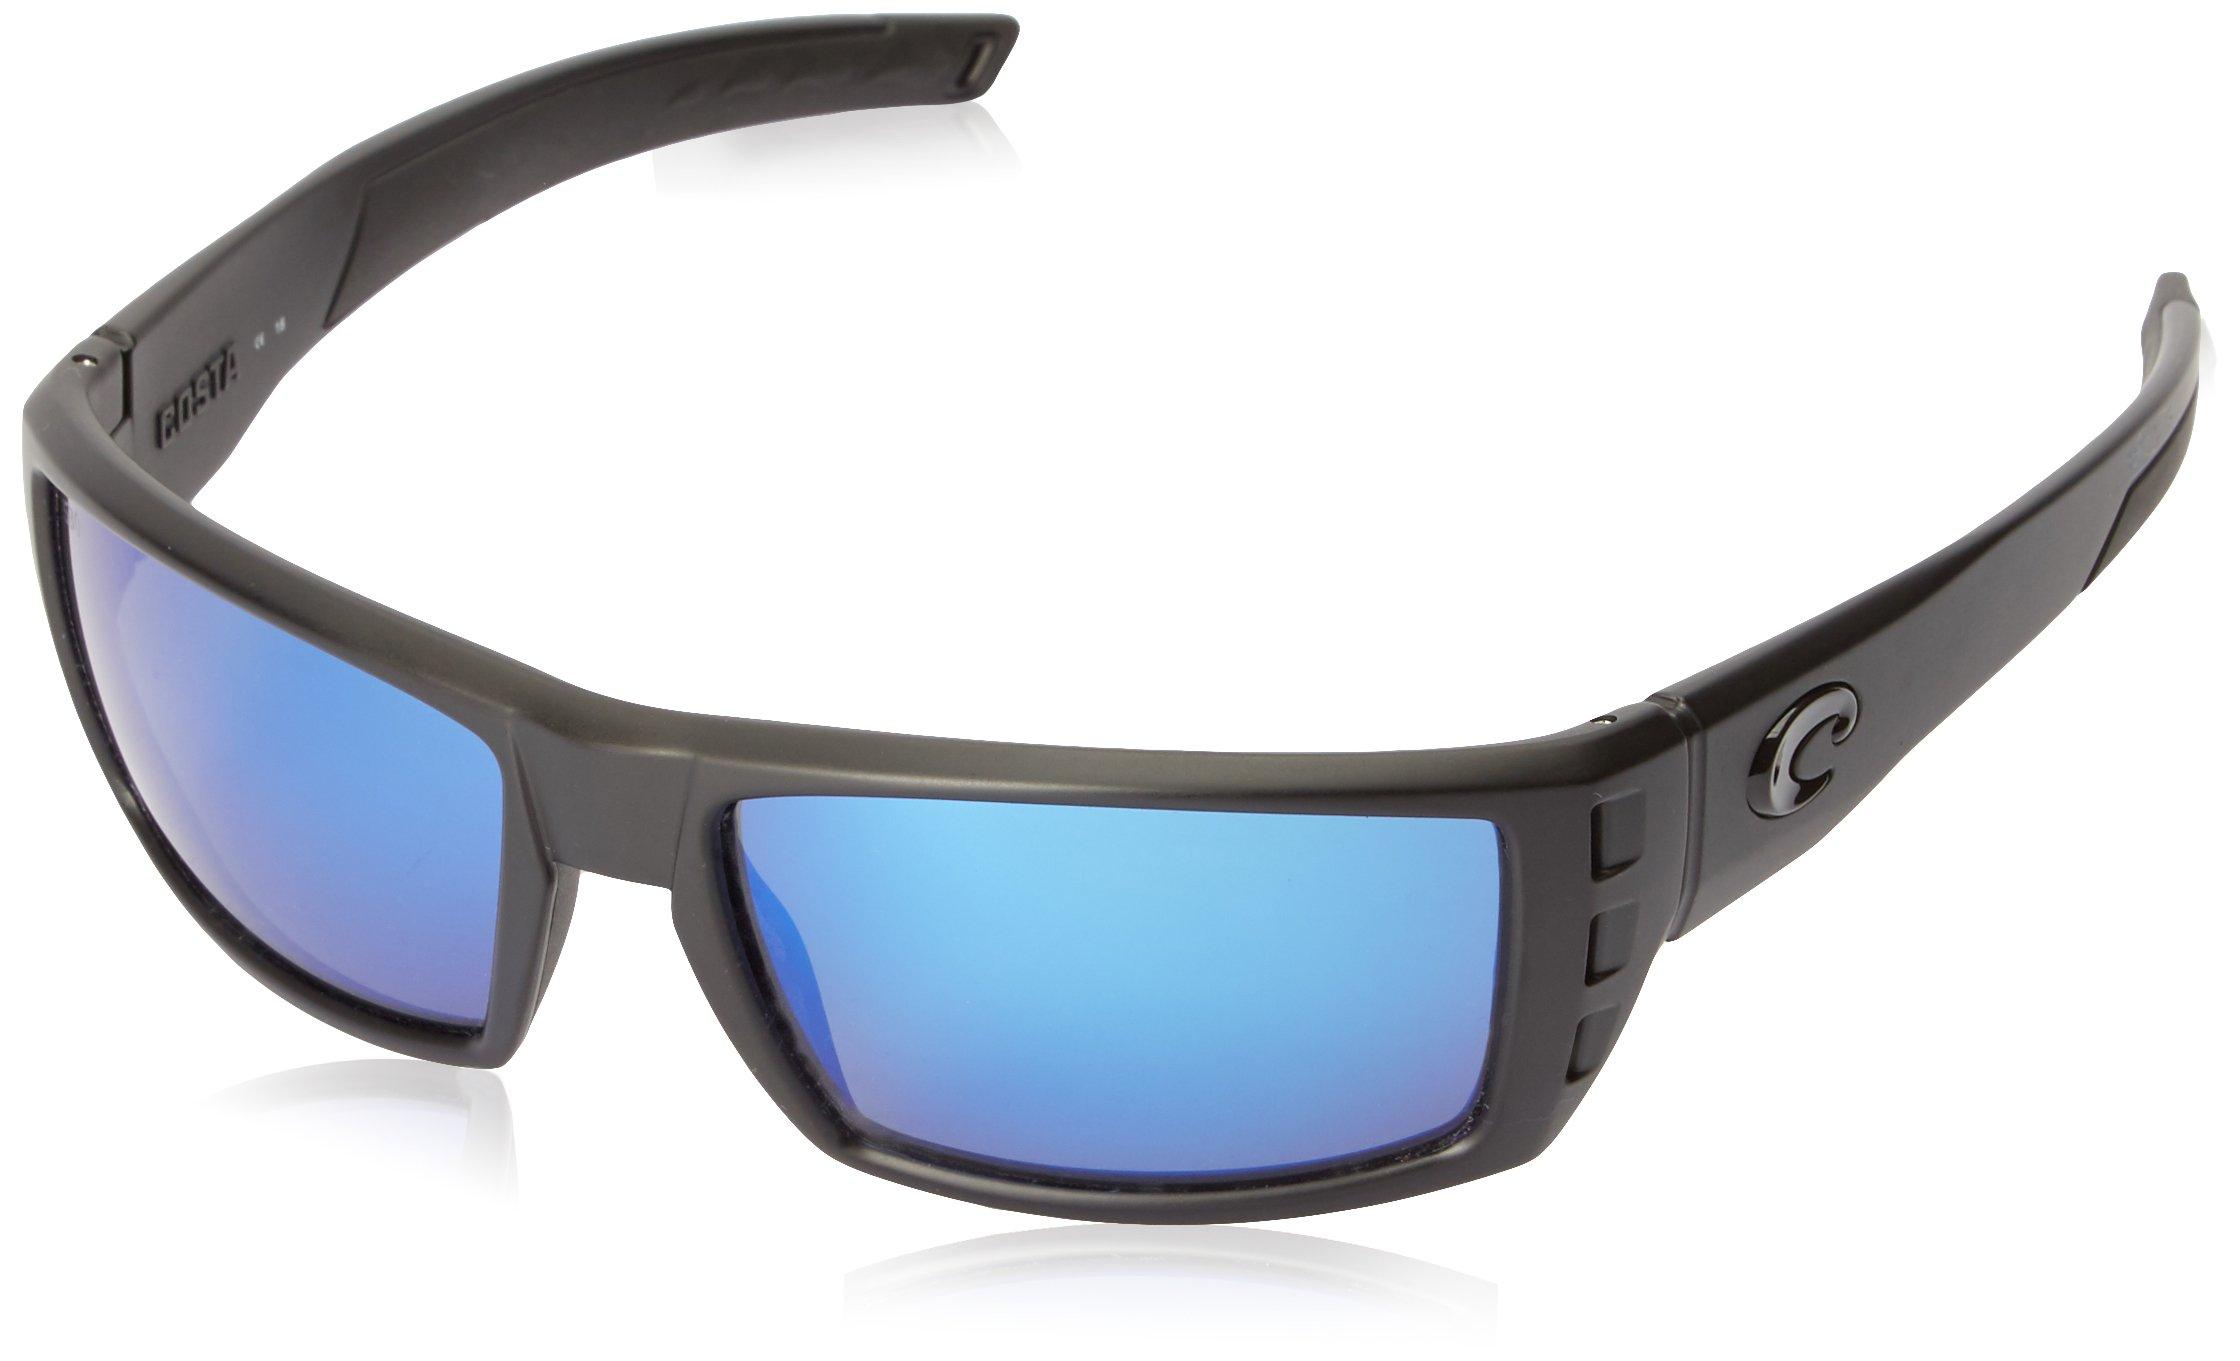 Costa Del Mar Rafael Sunglasses Blackout / Blue Mirror 580Glass by Costa Del Mar